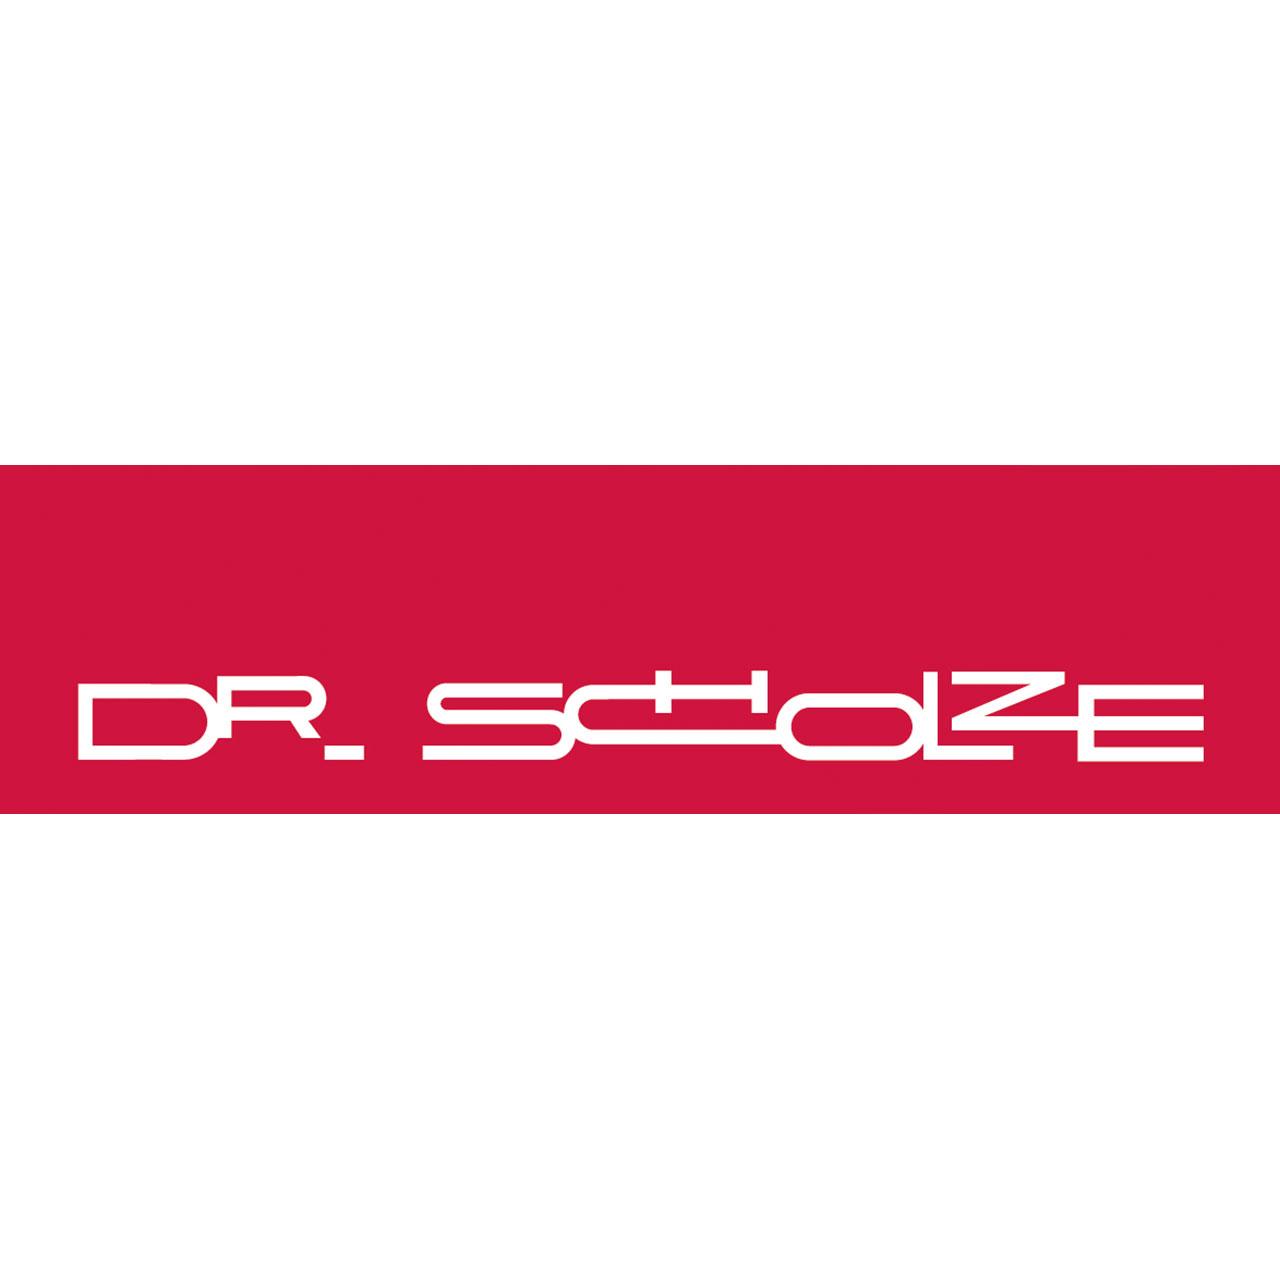 Dr. Scholze Confiserie